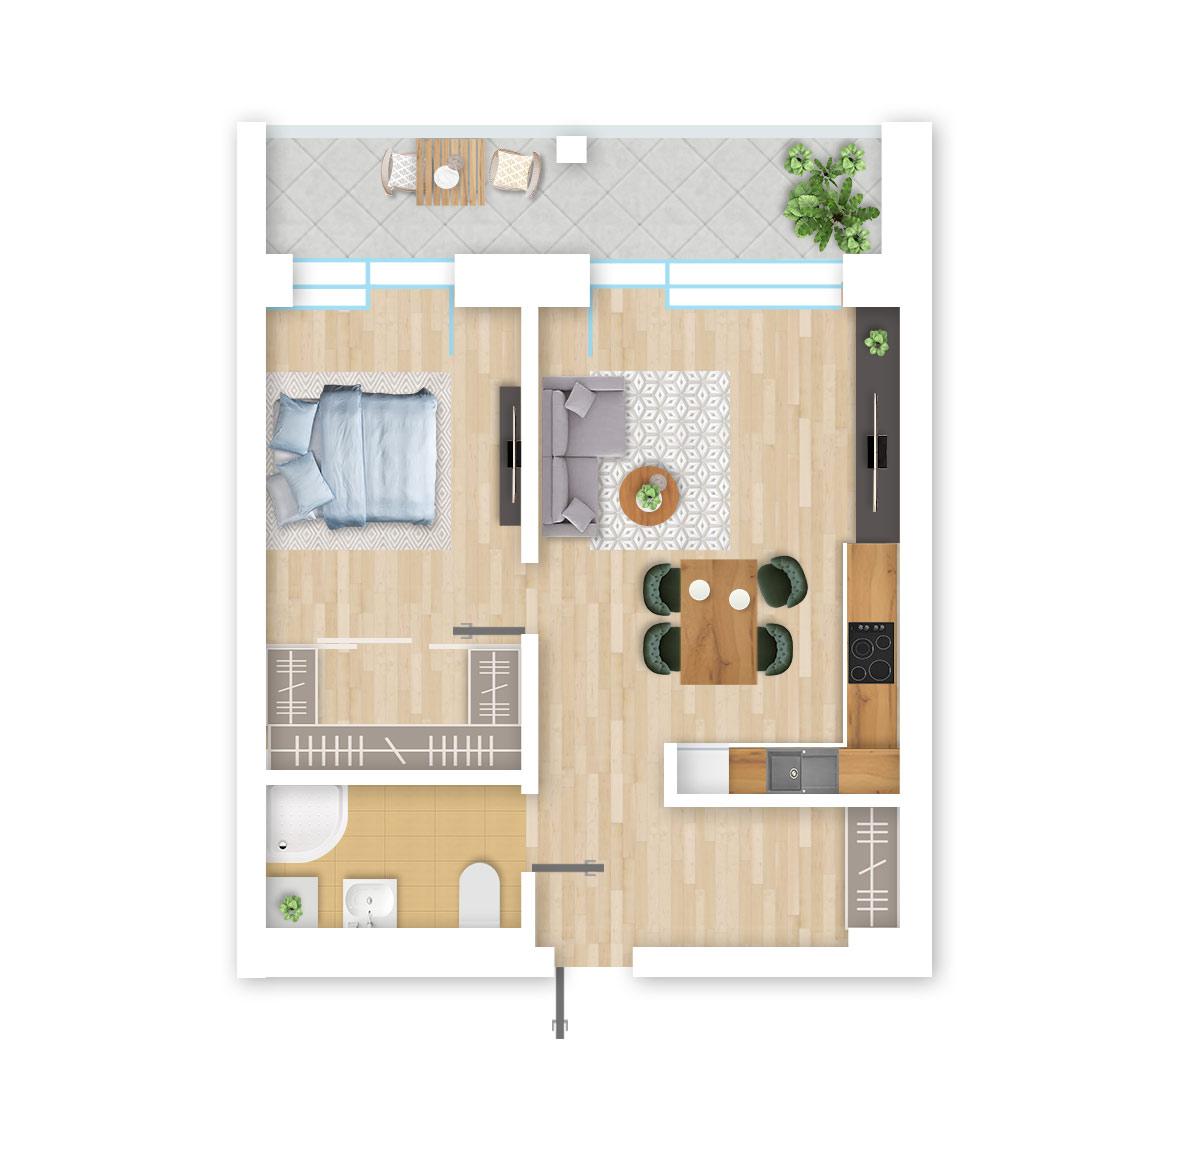 parduodamas butas Lazdynėlių g. 16B - 29 Vilniuje, buto 3D vaizdas